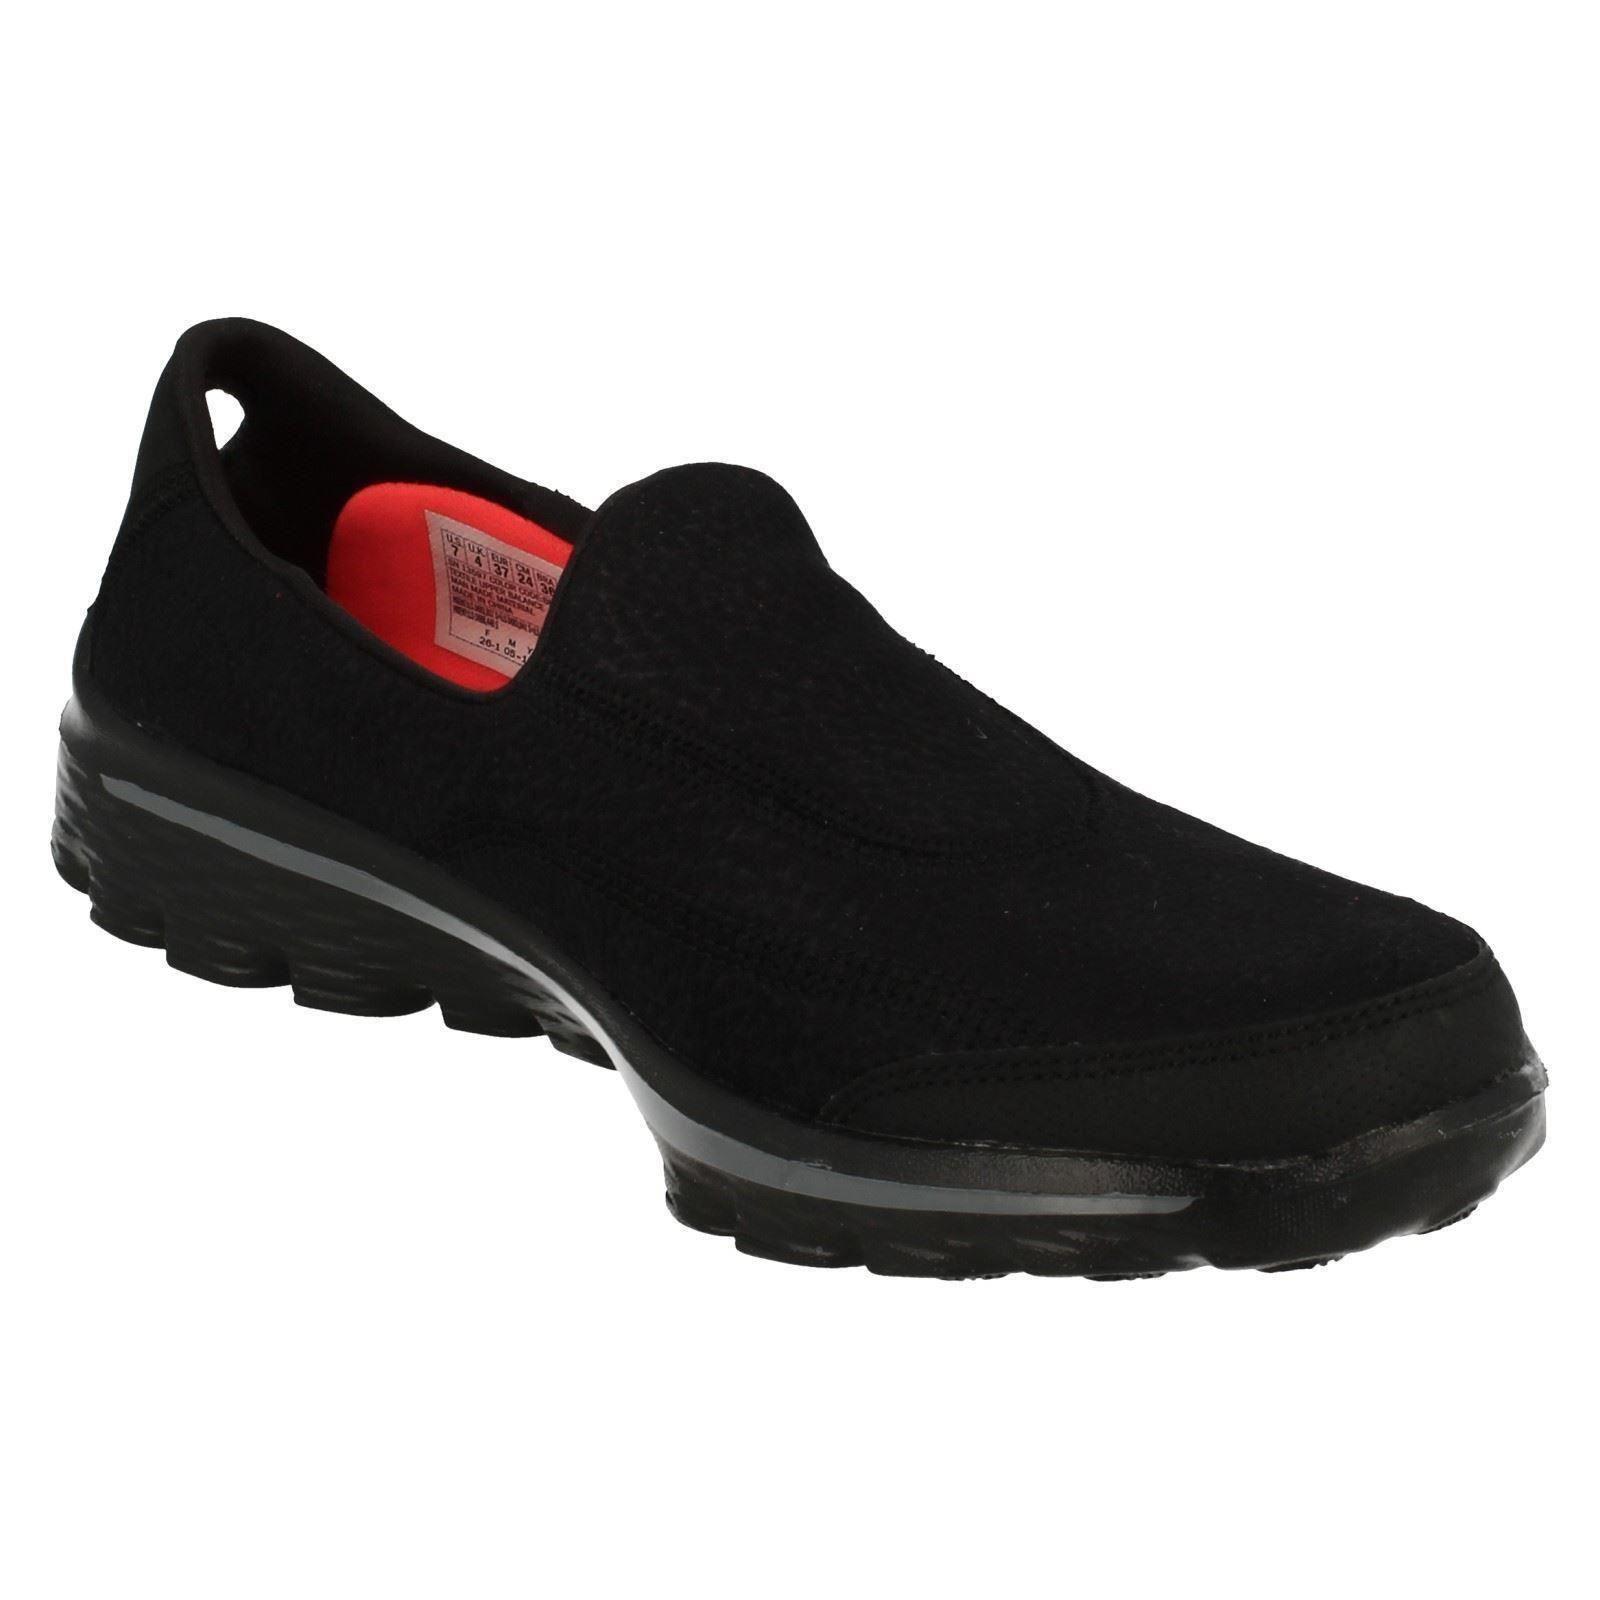 Donna Skechers Go Walk 2 lineare 13597 13597 13597 Pompe Casual f7fb3b